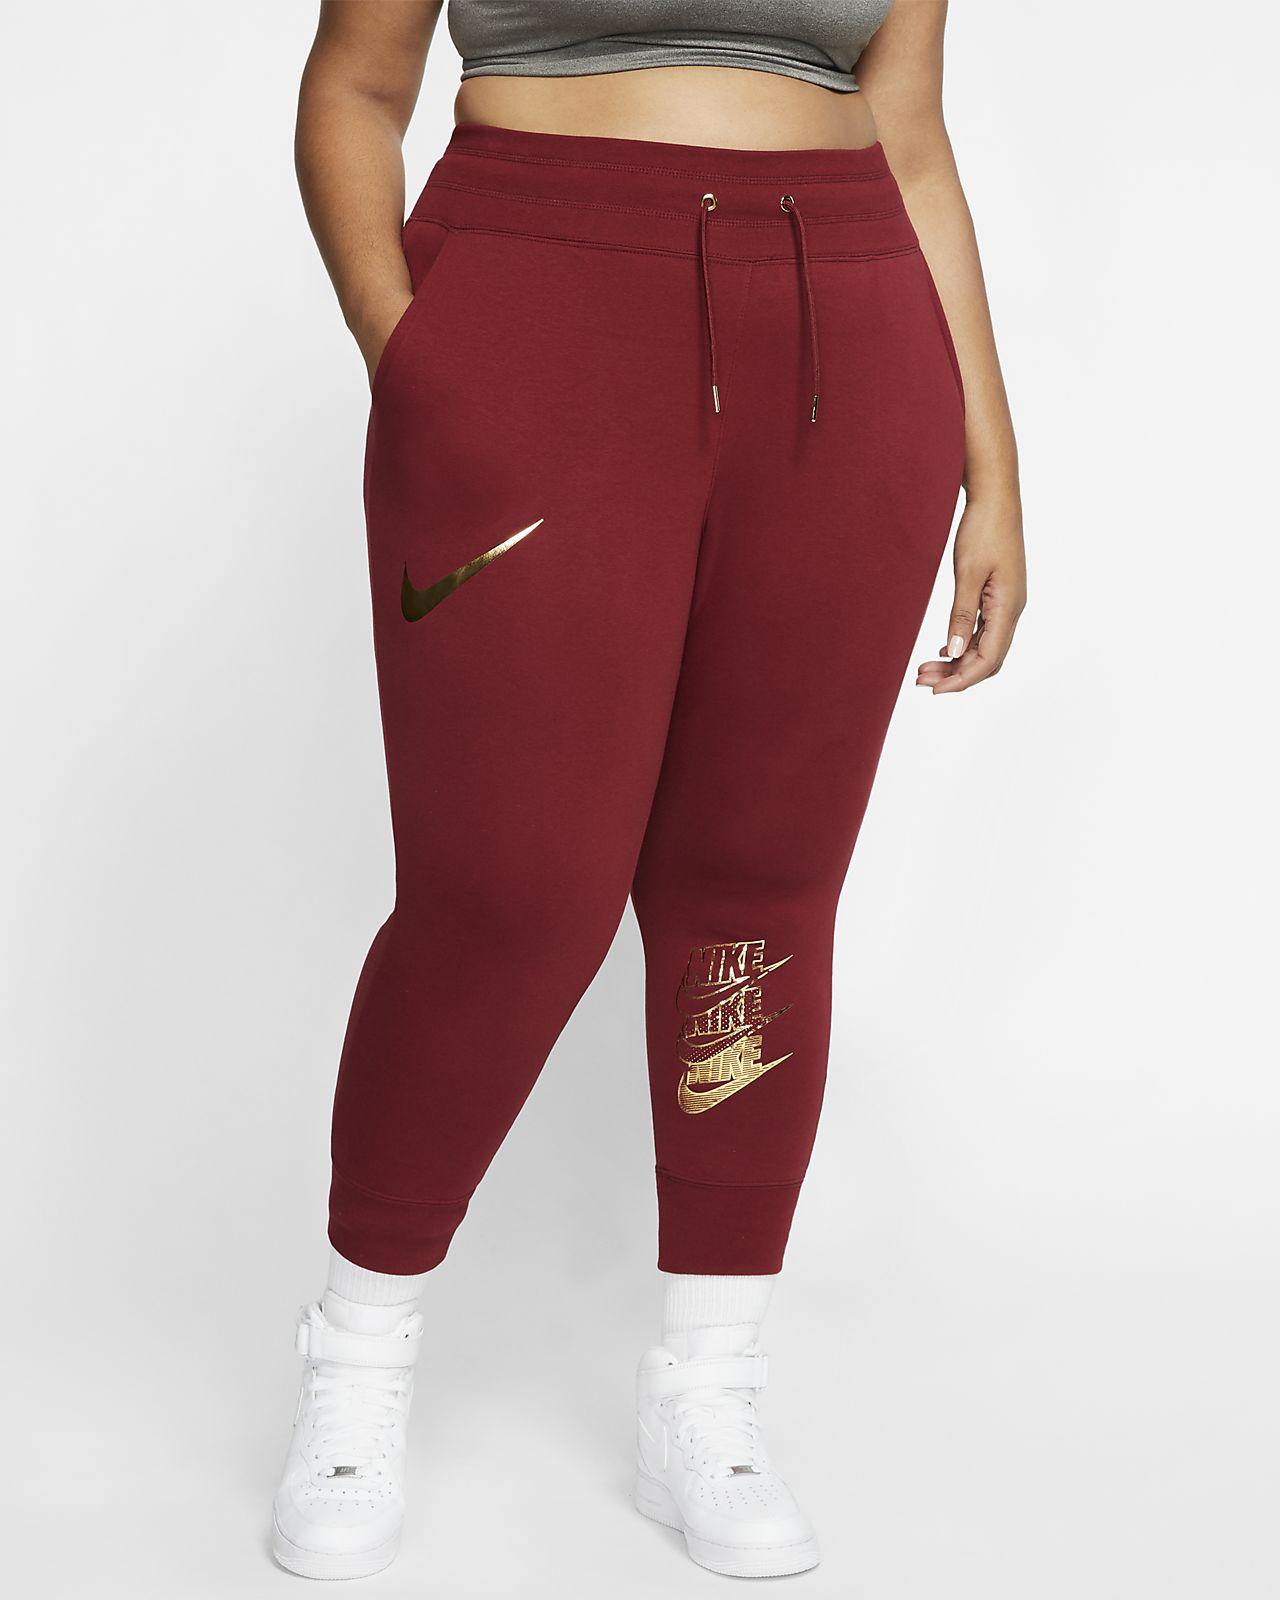 Nike Sportswear női nadrág (plus size méret)